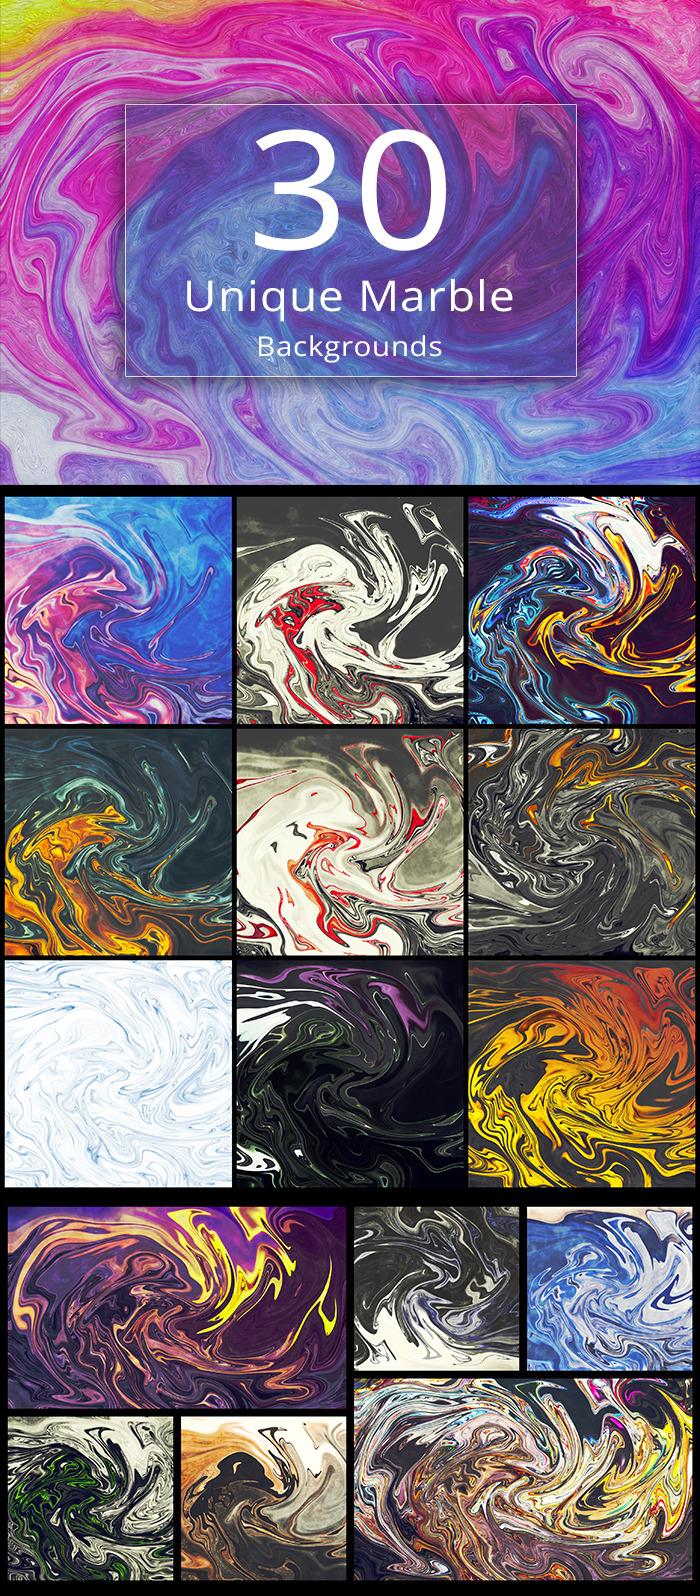 30 Unique Marble Textures